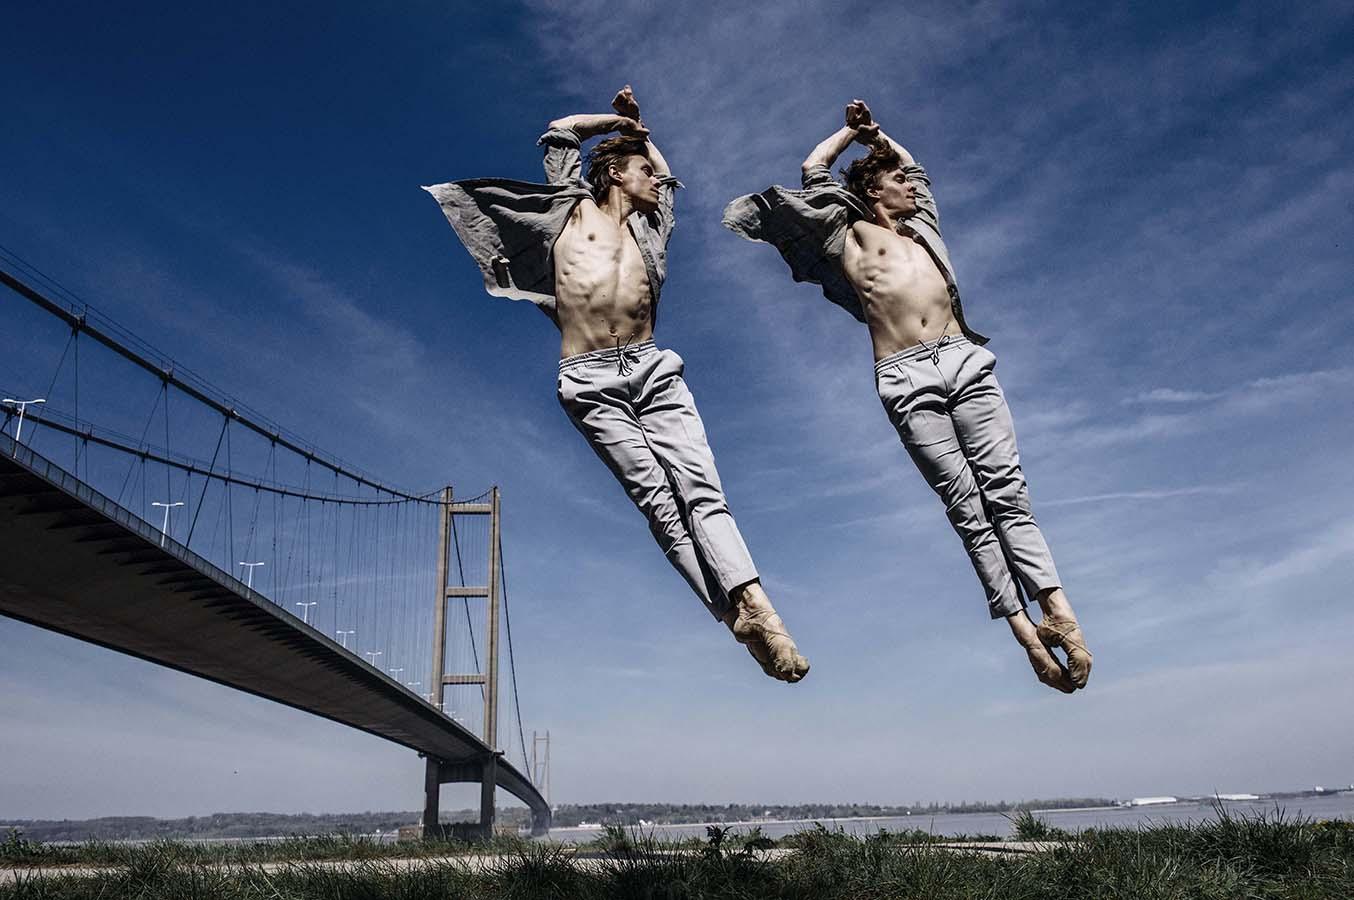 http://andyweekes.net/files/gimgs/1_balletdancershullaxw002insta.jpg